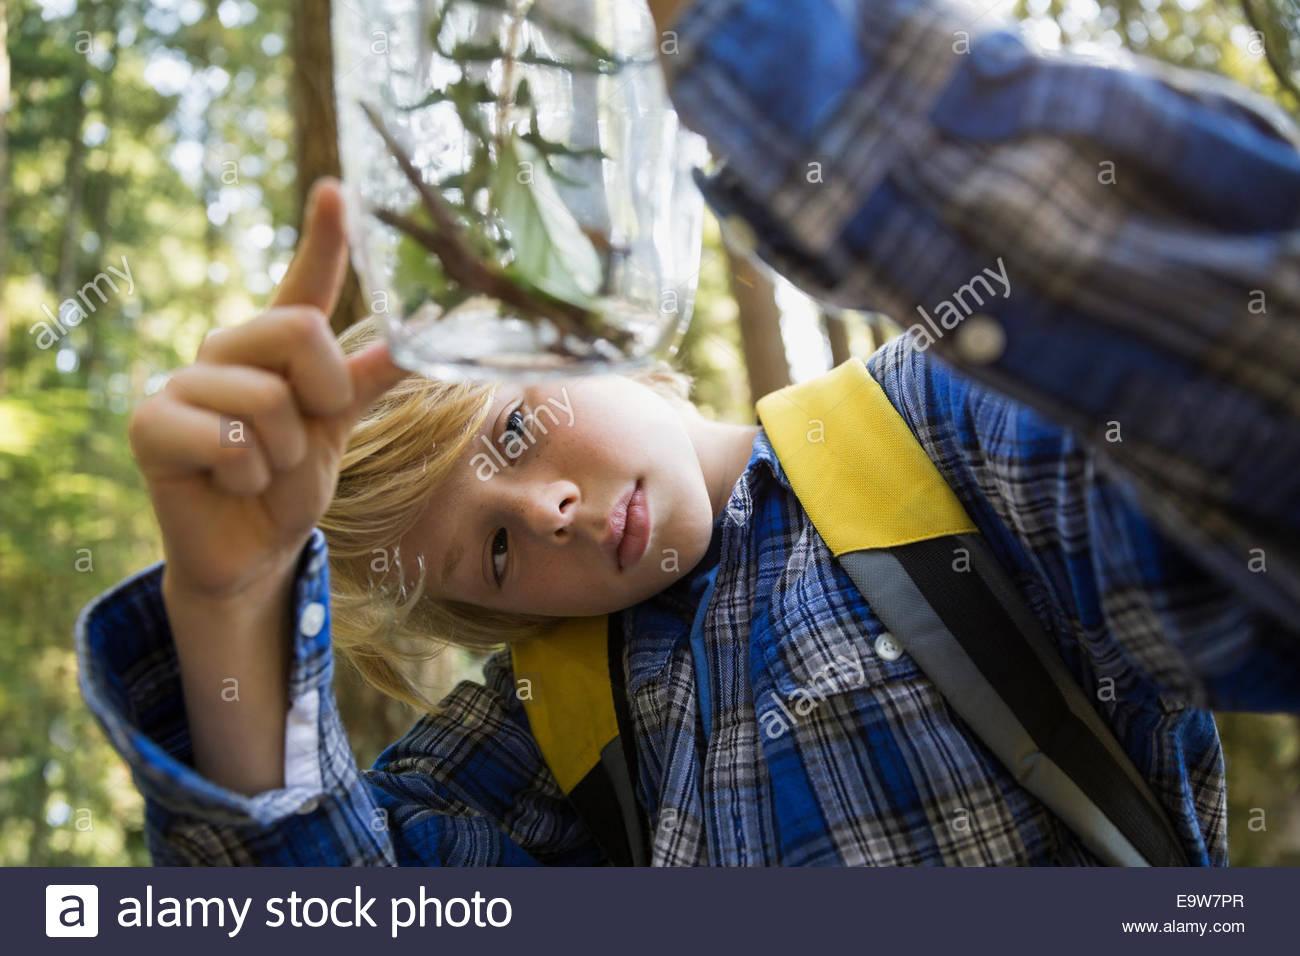 Curioso ragazzo in boschi di esaminare le piante in vaso Immagini Stock